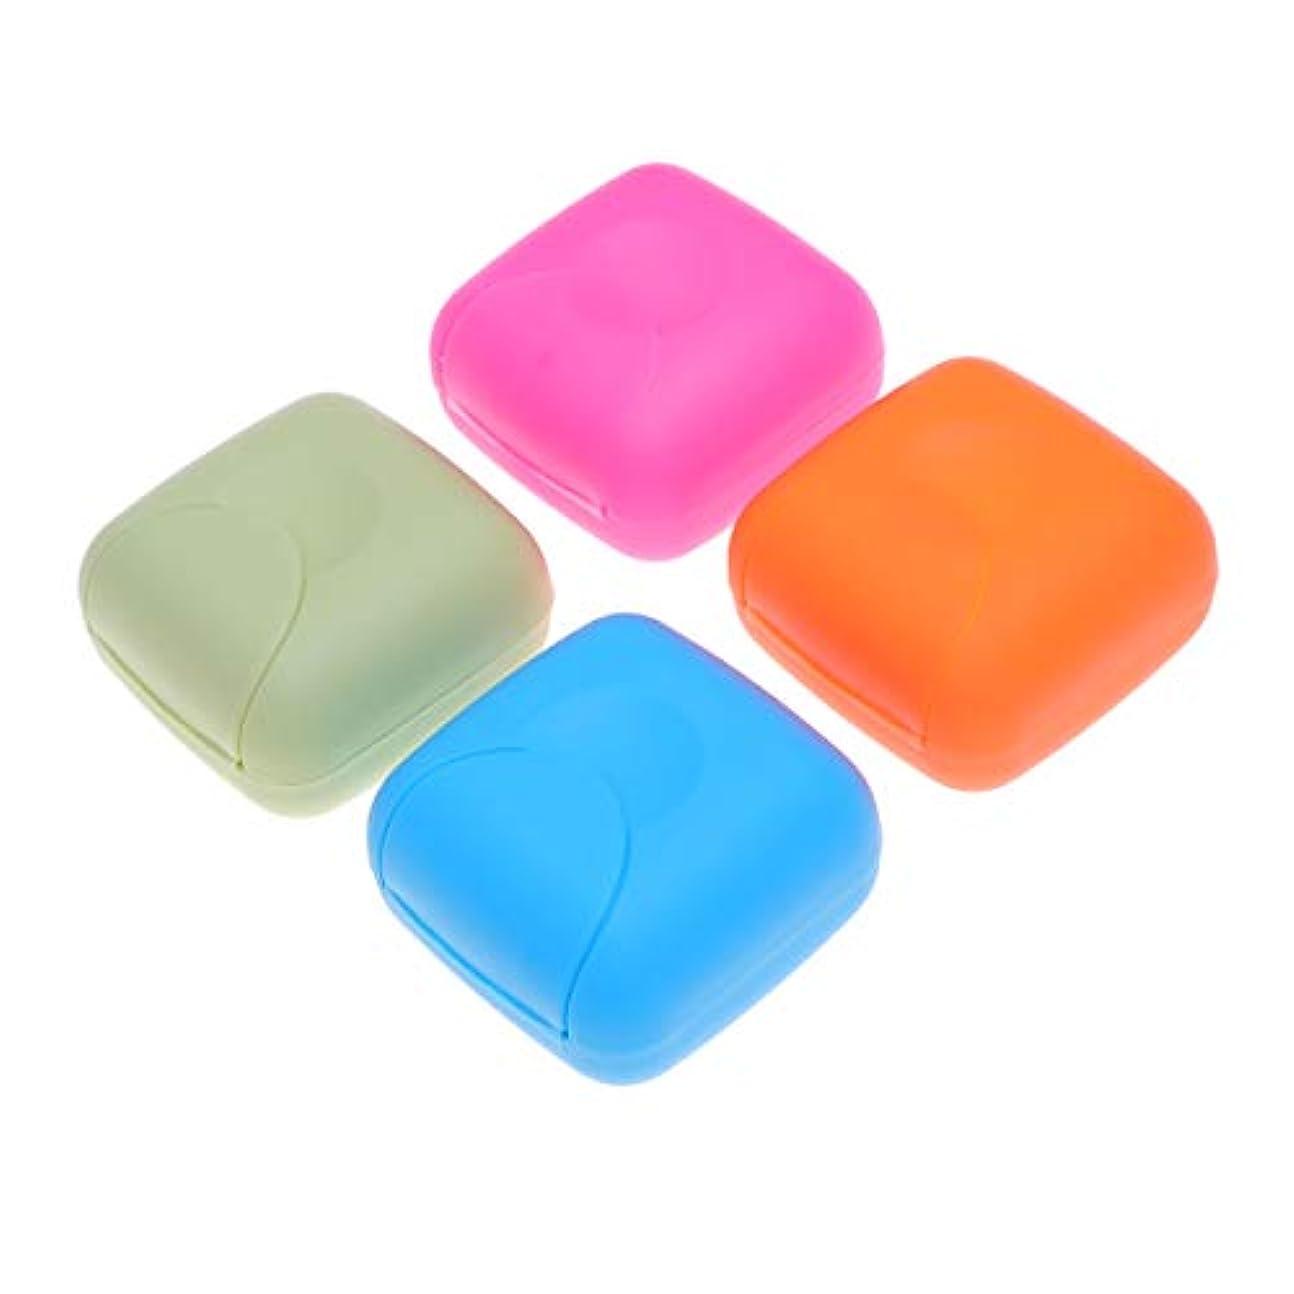 メロドラマ低いのれんHealifty ソープボックスポータブルソープディッシュソープケース4本(ブルー、ロージー、オレンジ、ピンク)